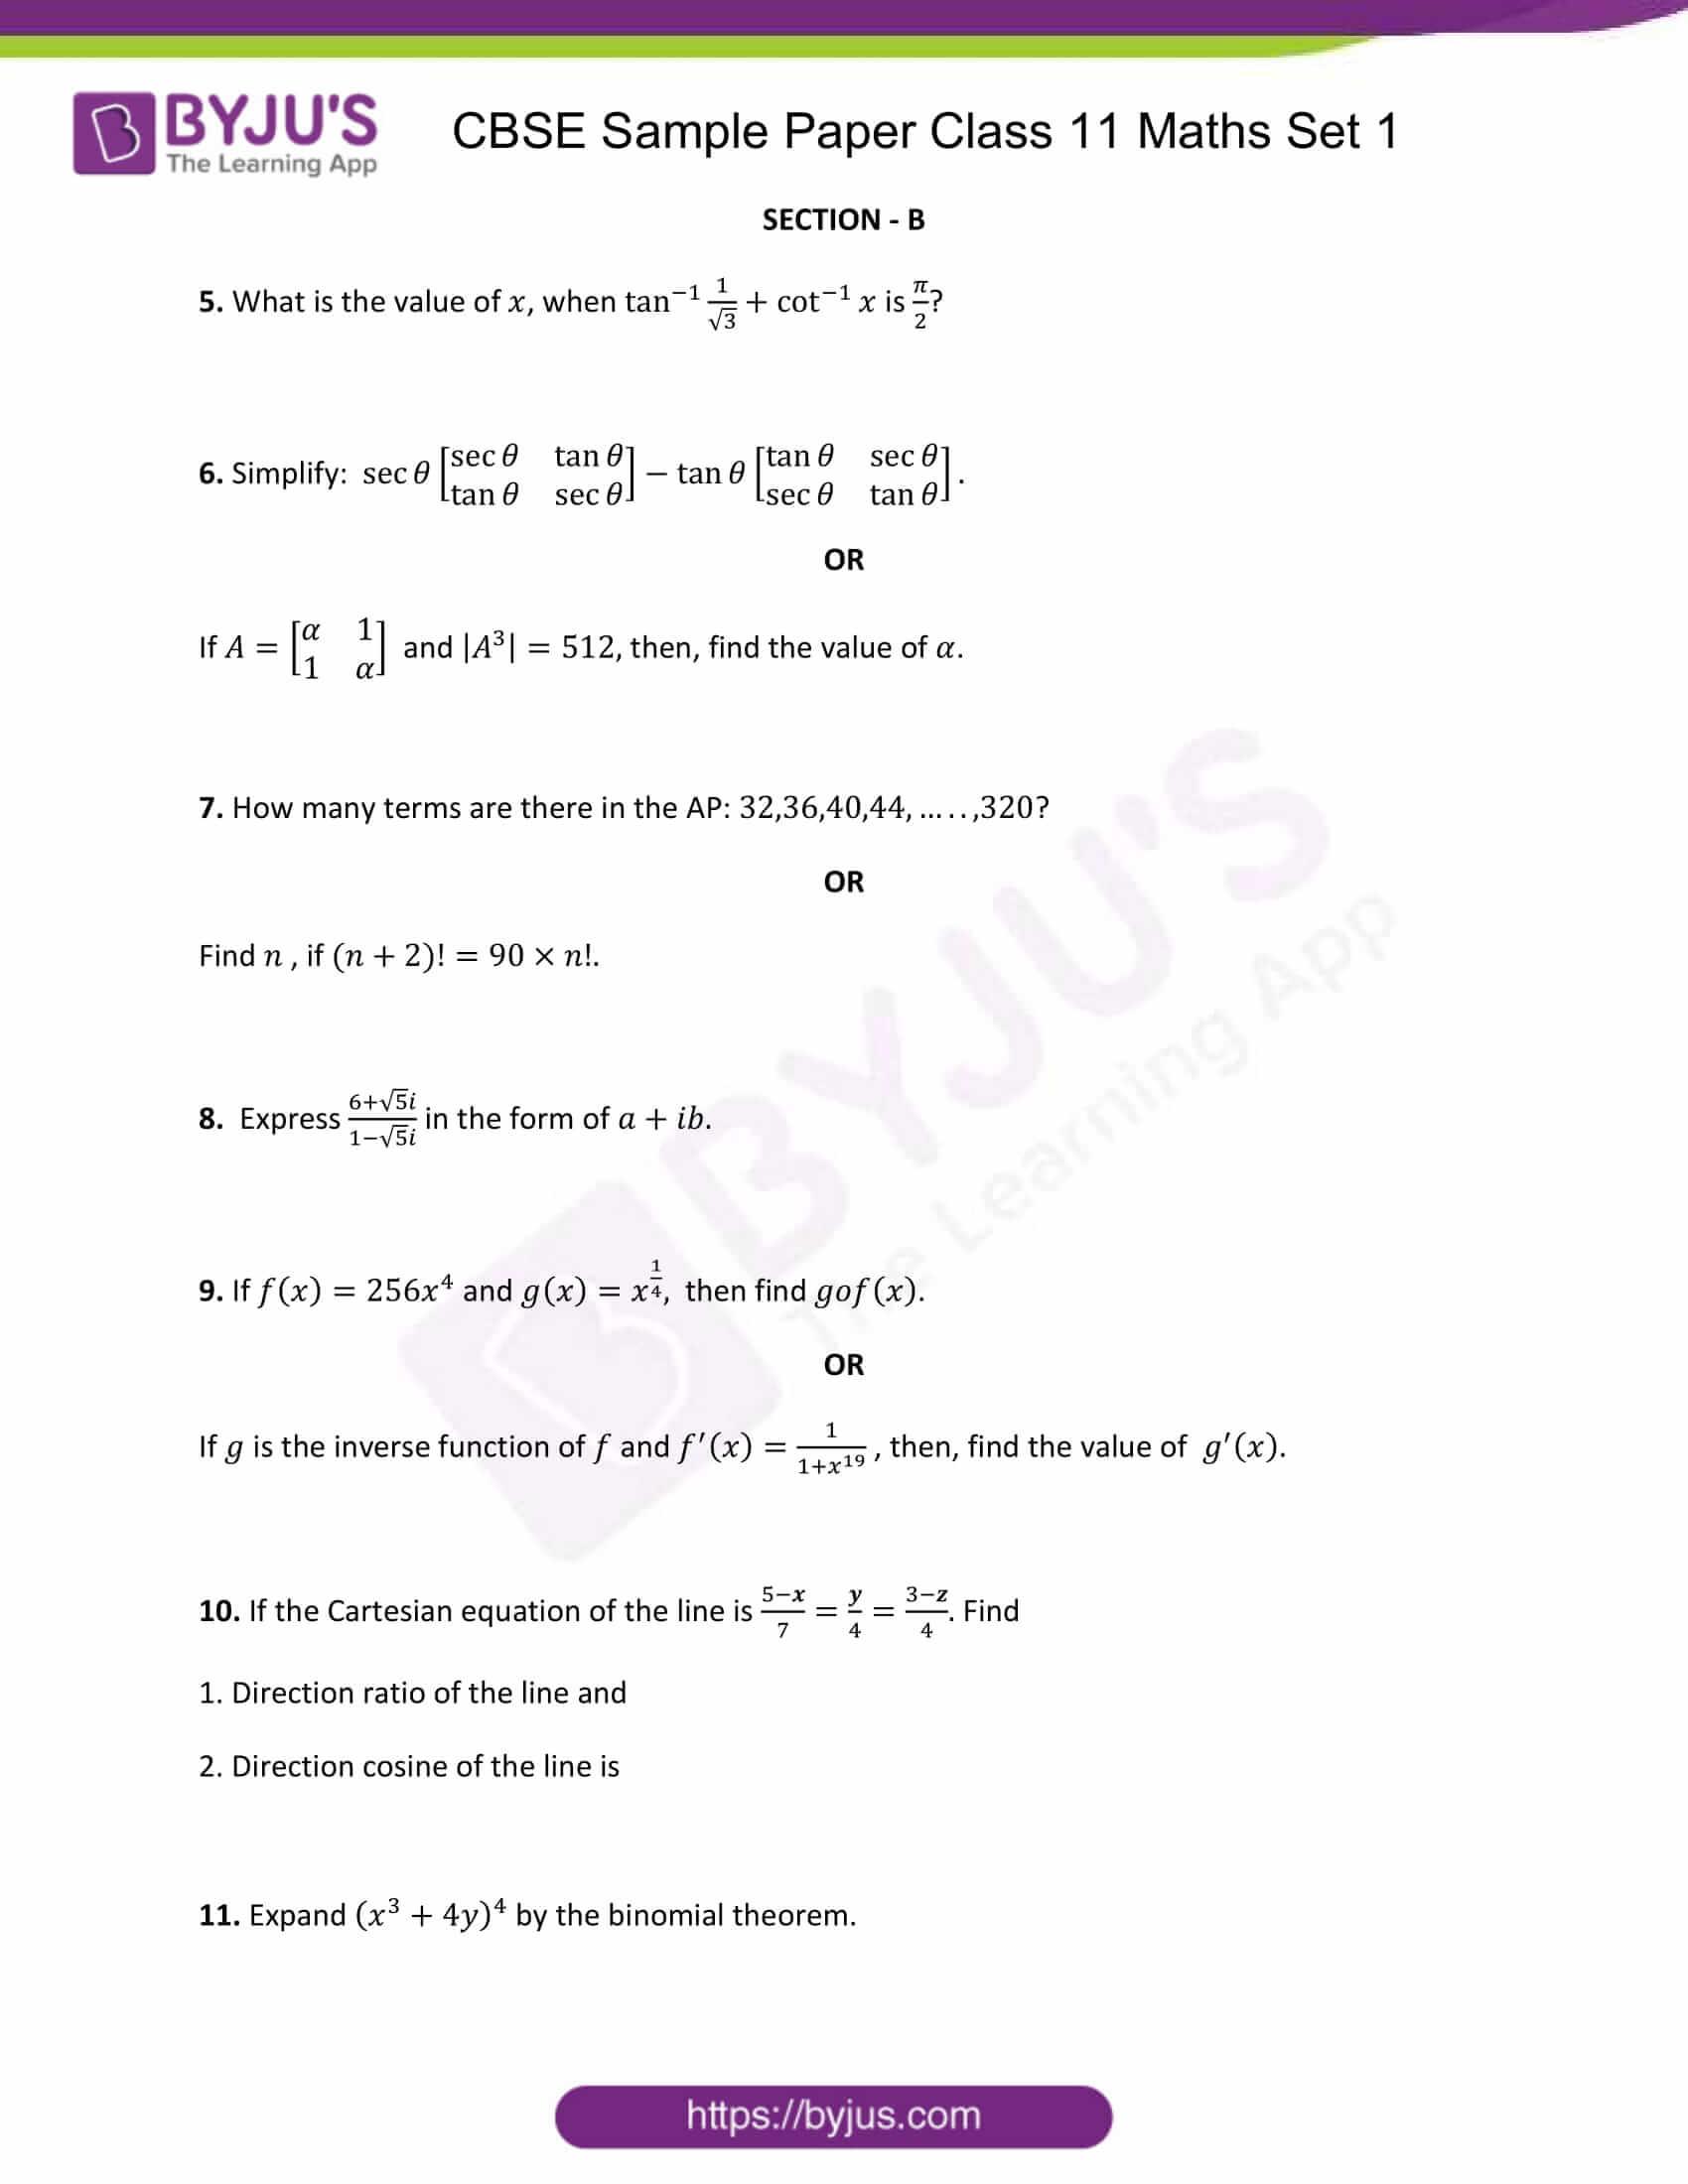 cbse sample paper class 11 maths set 1